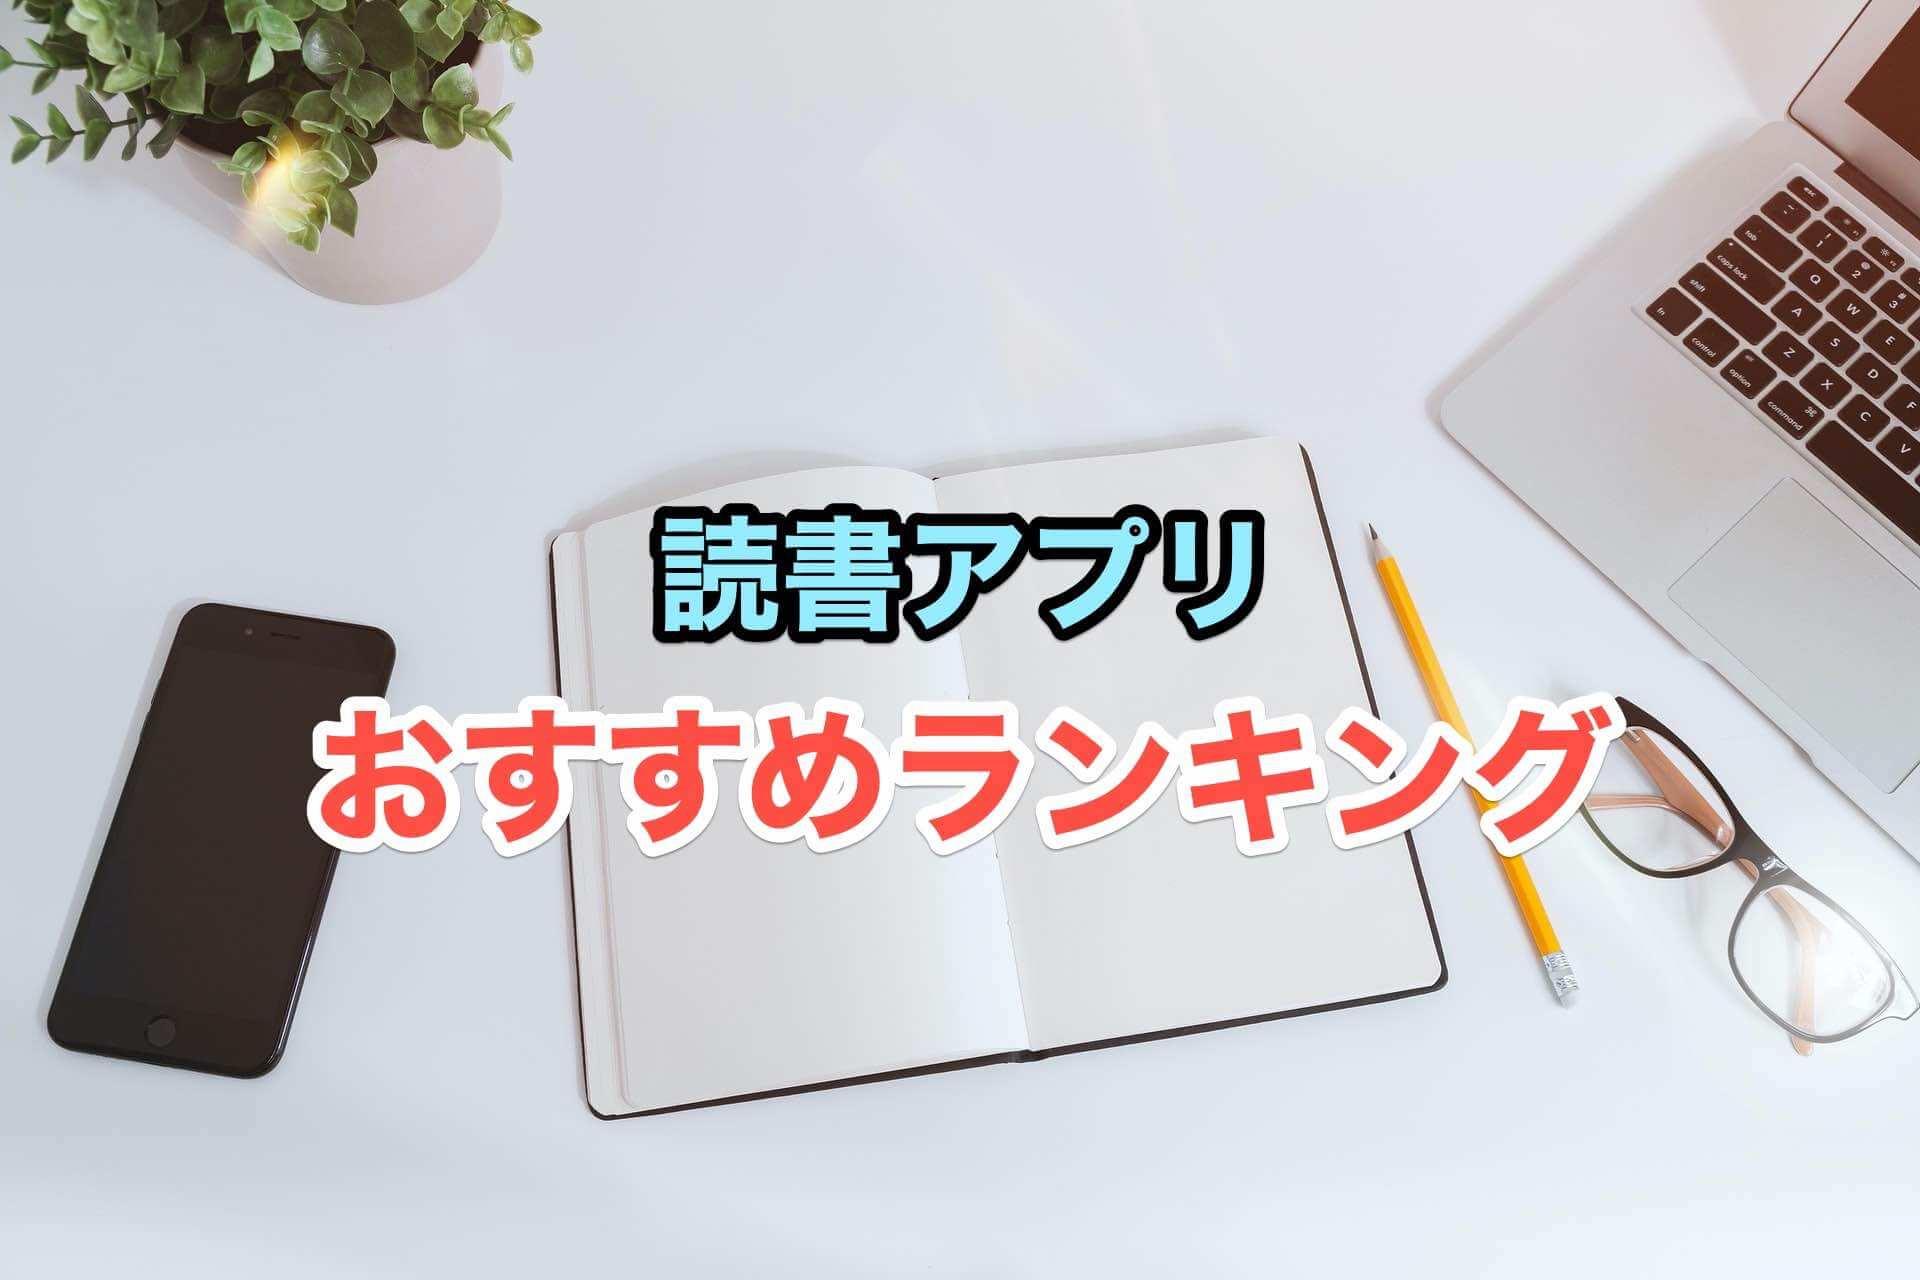 【日本人が選ぶ】読書アプリのおすすめランキング【記録や管理に】